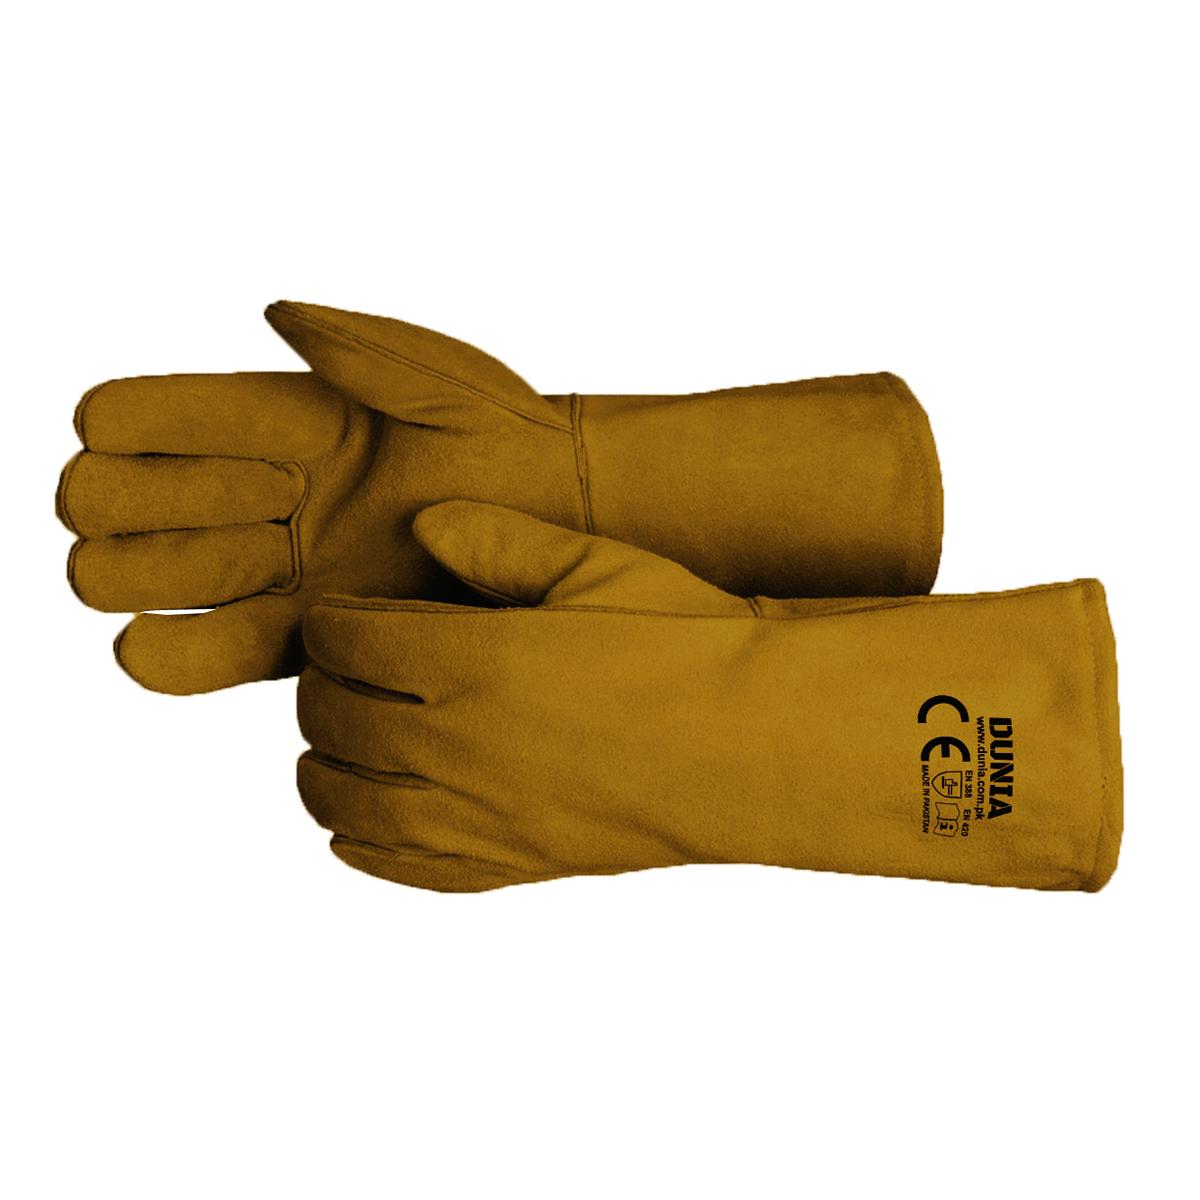 DTC-723-GB Welding Gloves Golden Brown